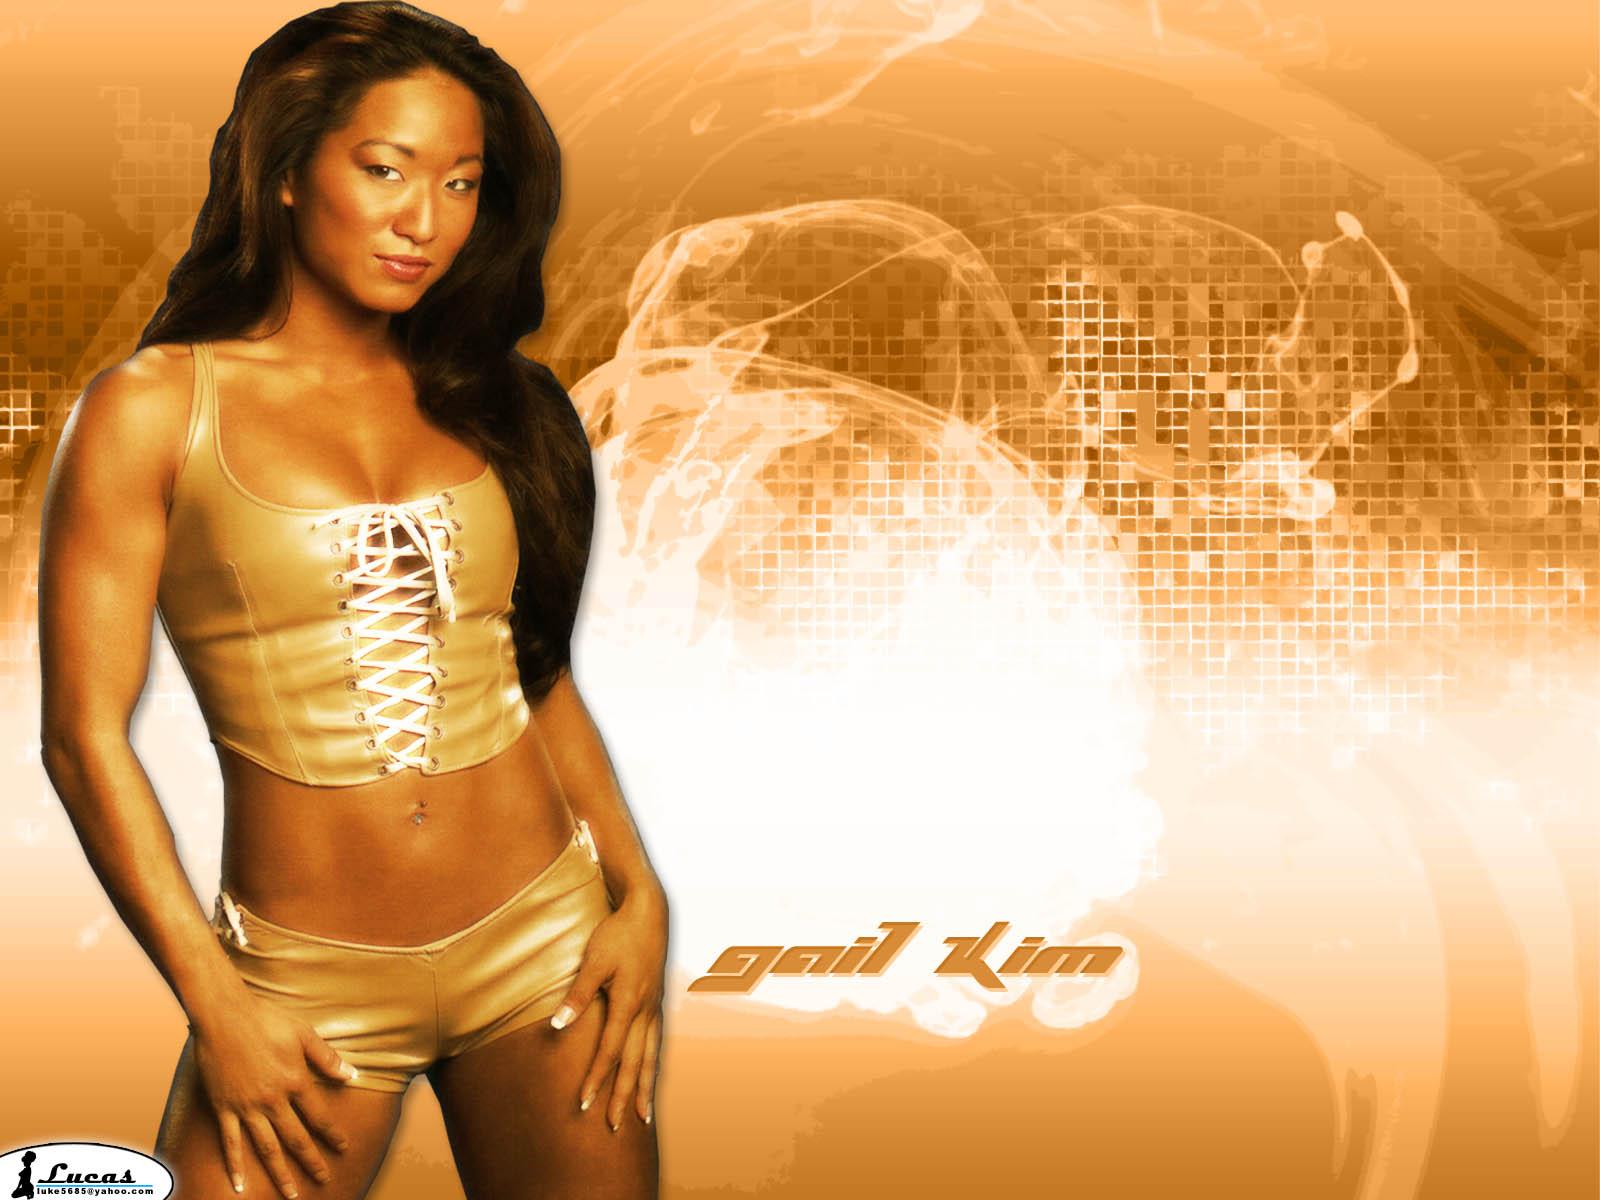 Gail kim 3